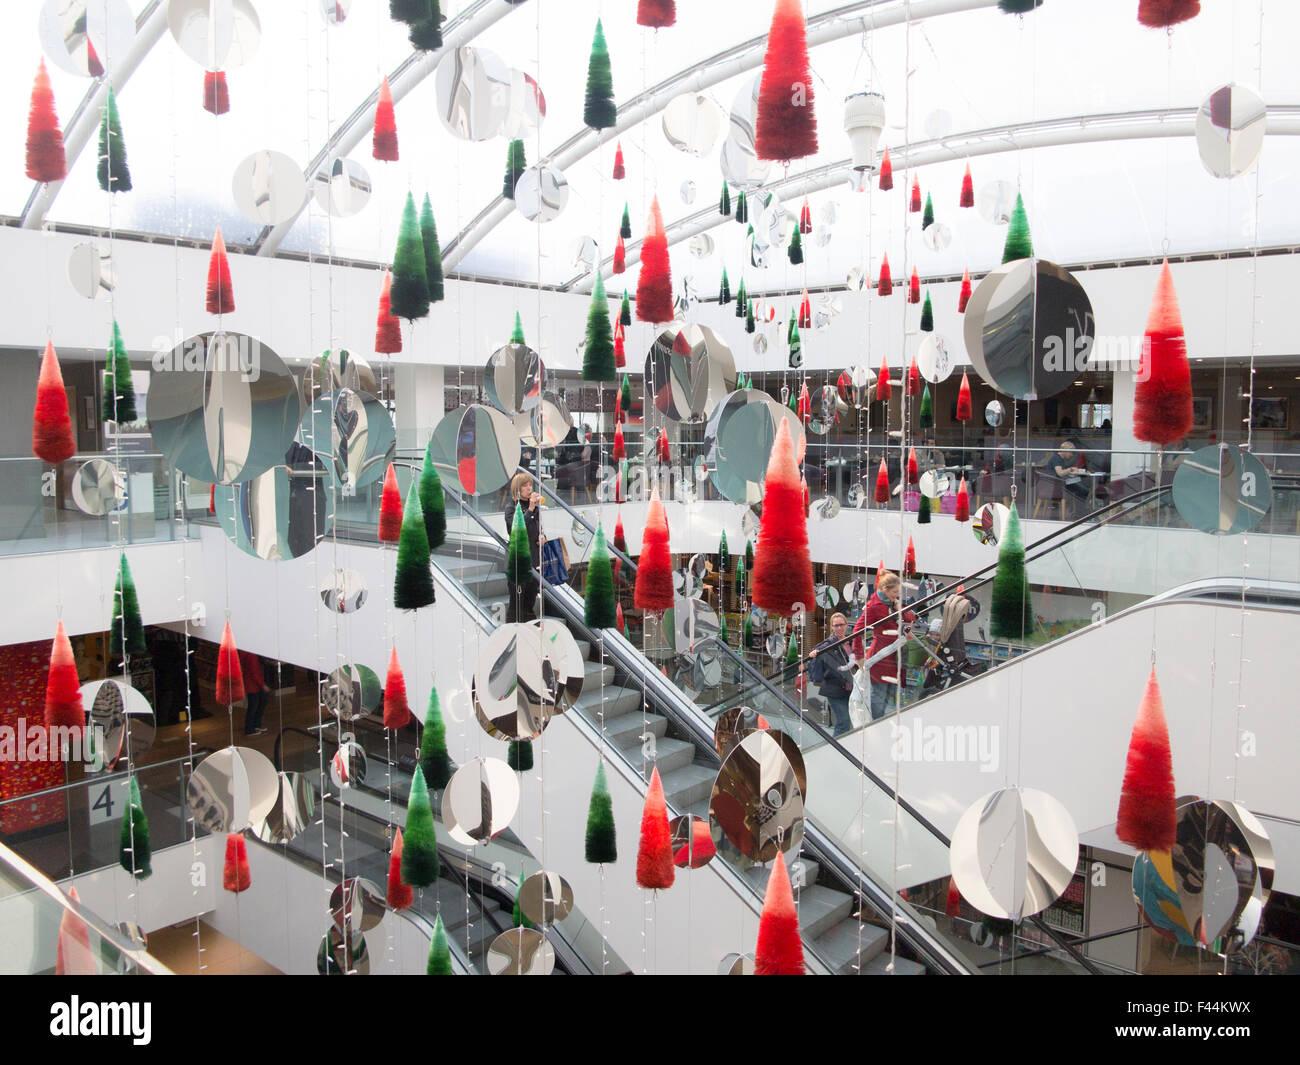 John Lewis Christmas Decorations Sale Decoration Image Idea